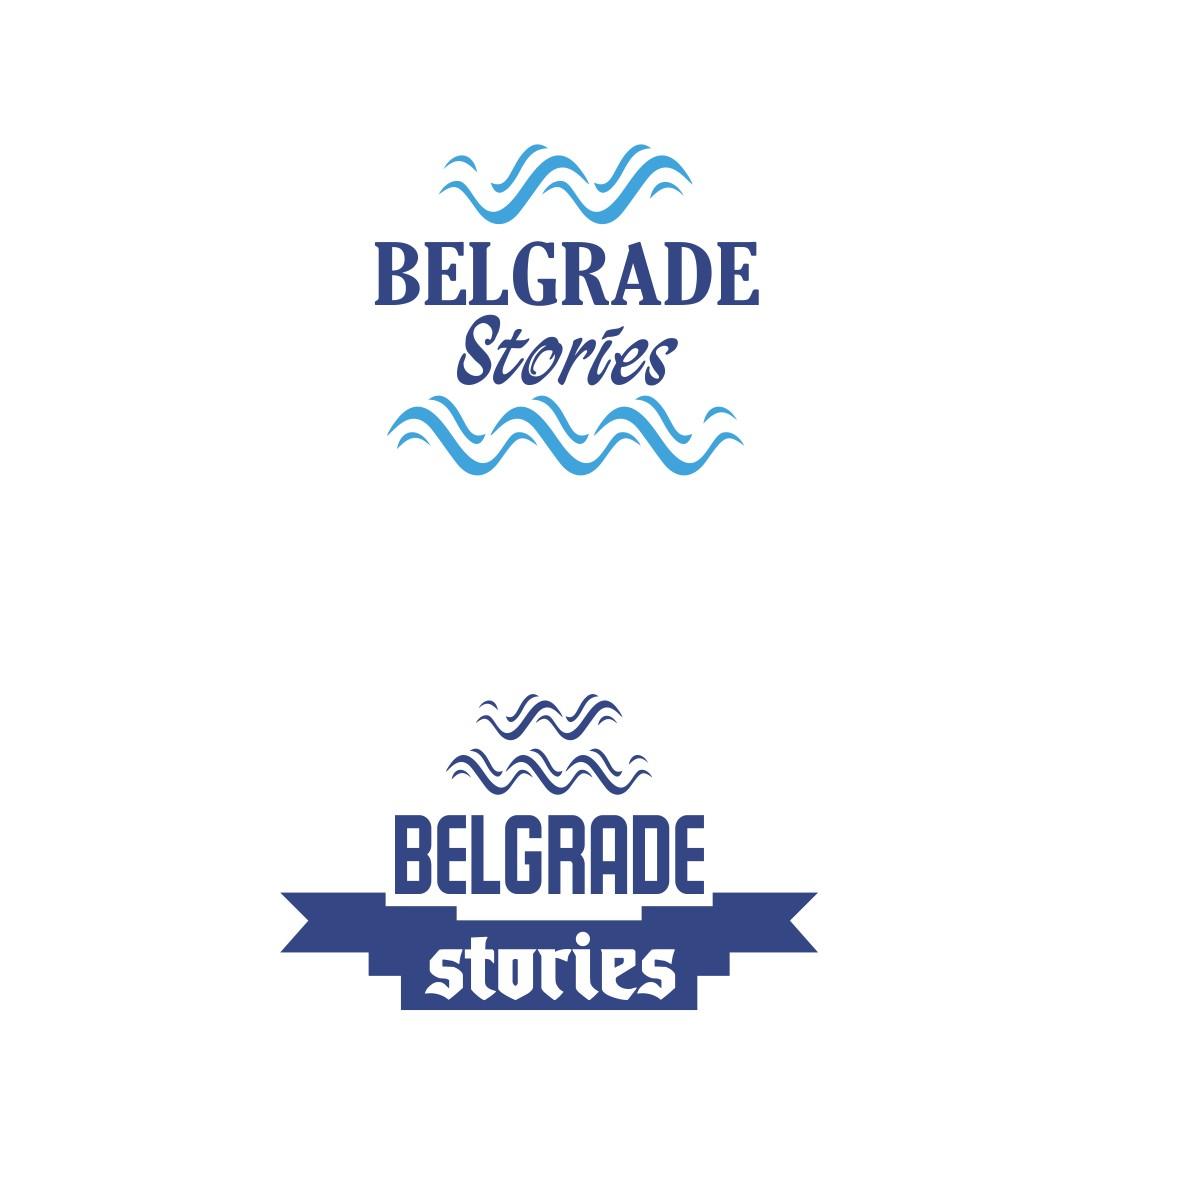 Логотип для агентства городских туров в Белграде фото f_1255892fcac5eceb.jpg